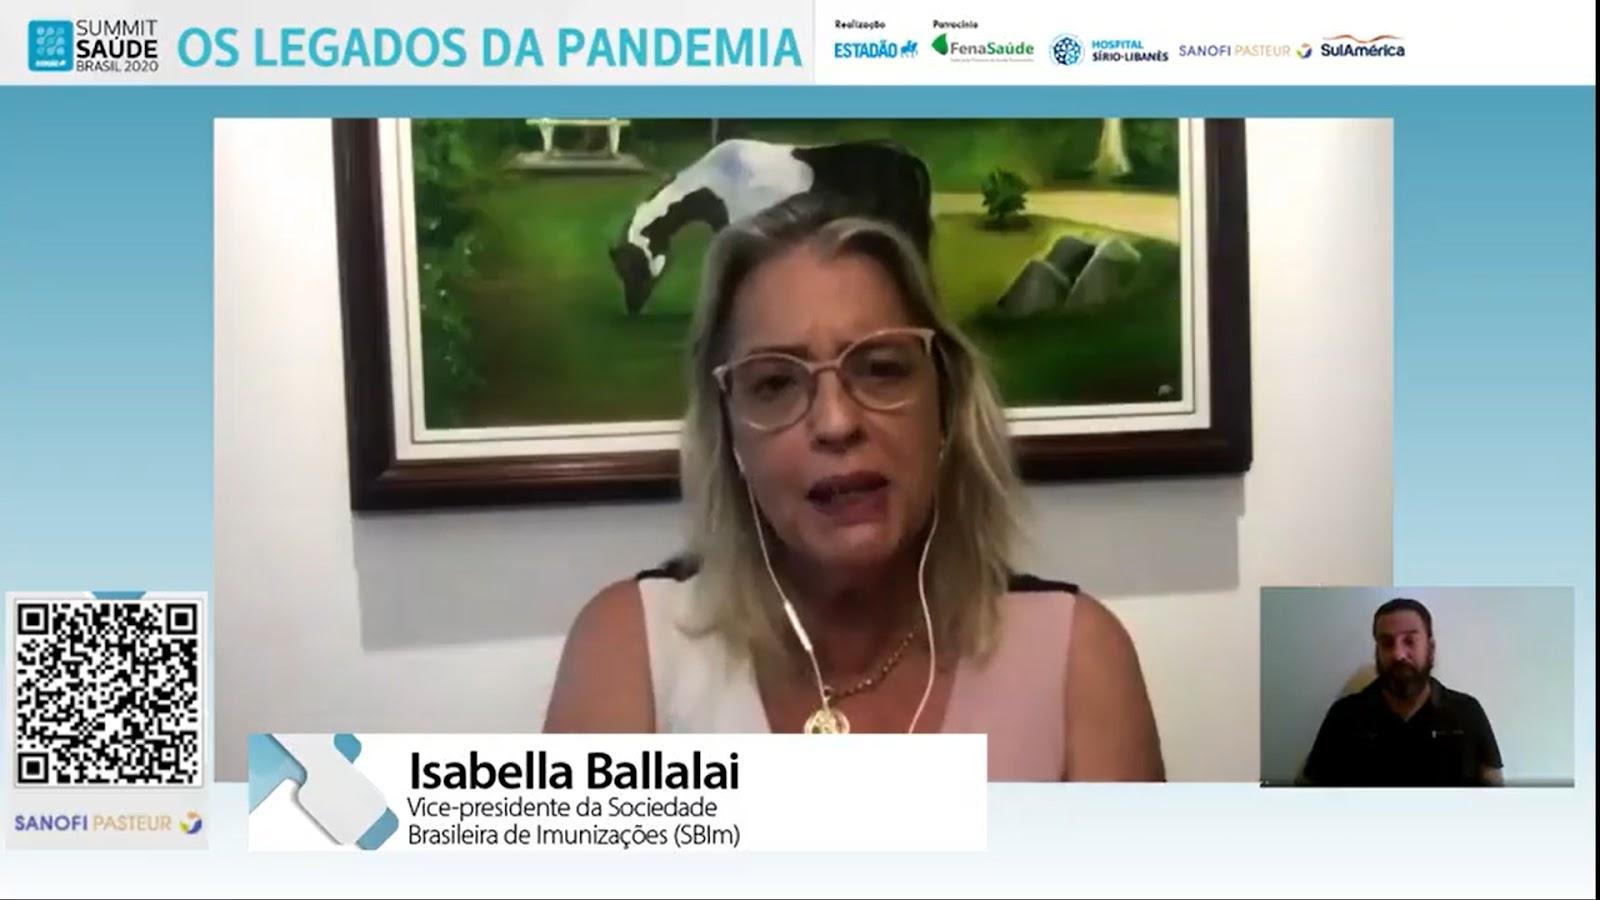 """""""Mais de 80% dos brasileiros dizem que querem tomar vacina da covid-19 quando estiver mais disponível"""", diz Isabella Ballalai. (Fonte: Summit Saúde Brasil 2020/Reprodução)"""